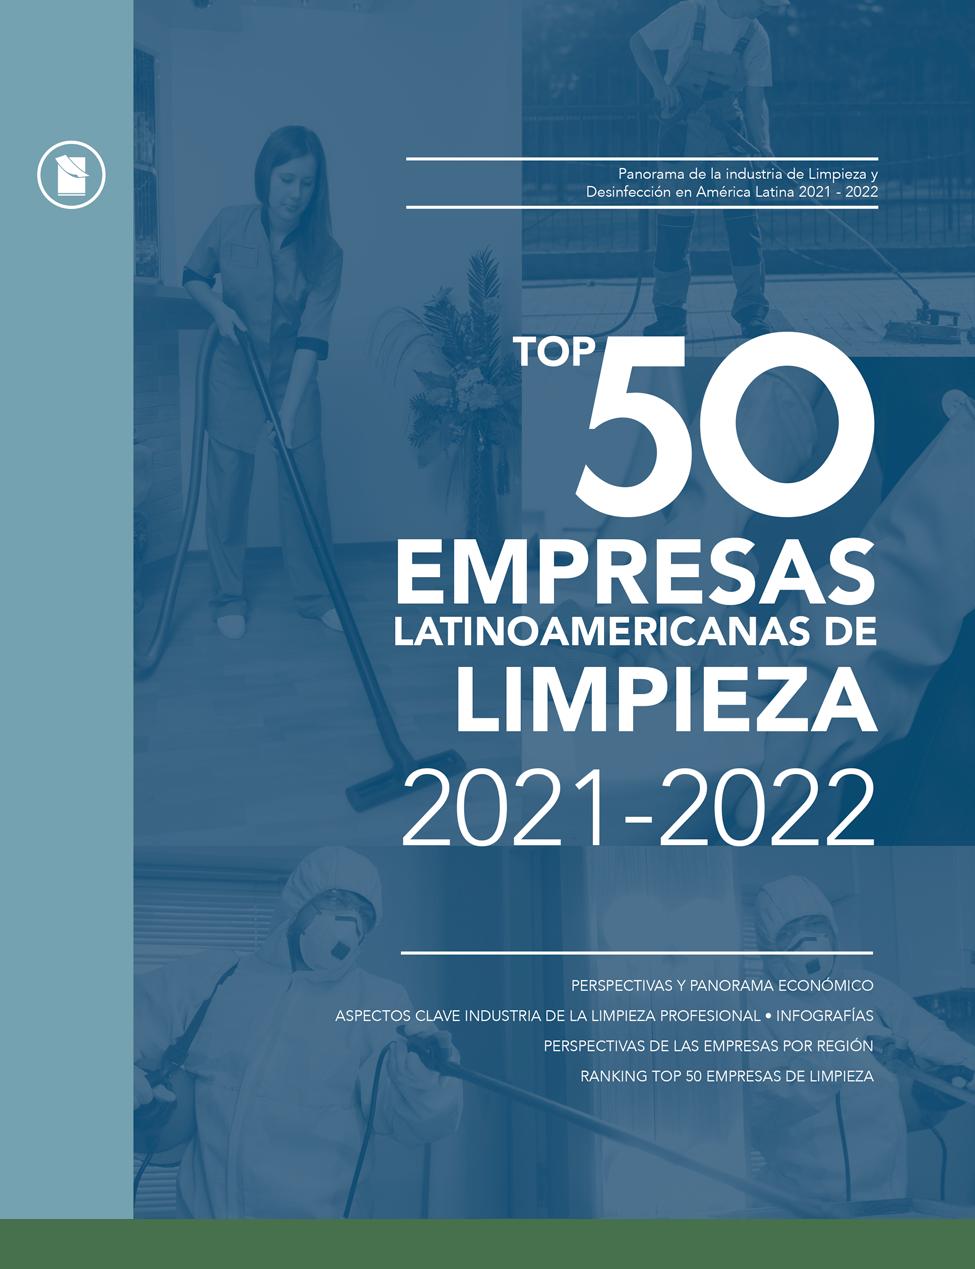 TOP 50 EMPRESAS LATINOAMERICANAS DE LIMPIEZA • 2021-2022 Image